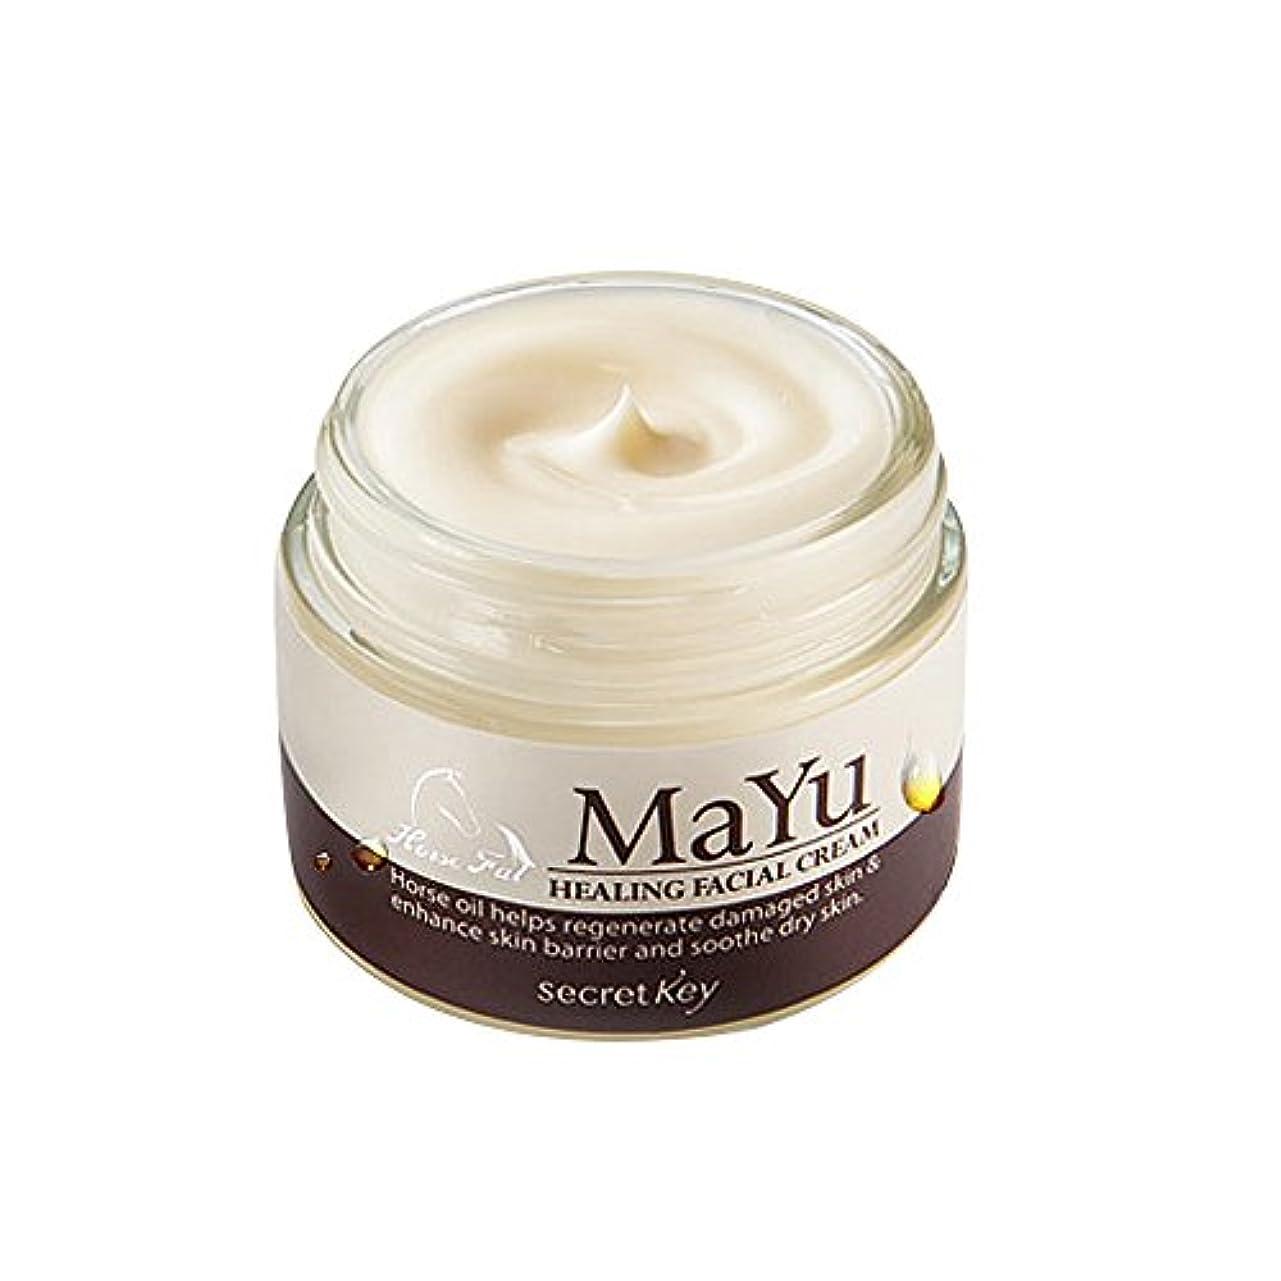 筋肉の権利を与えるパッド[シークレットキー]Secretkey 馬油ヒーリングフェイシャルクリーム70g 海外直送品 Mayu Healing Facial Cream 70g